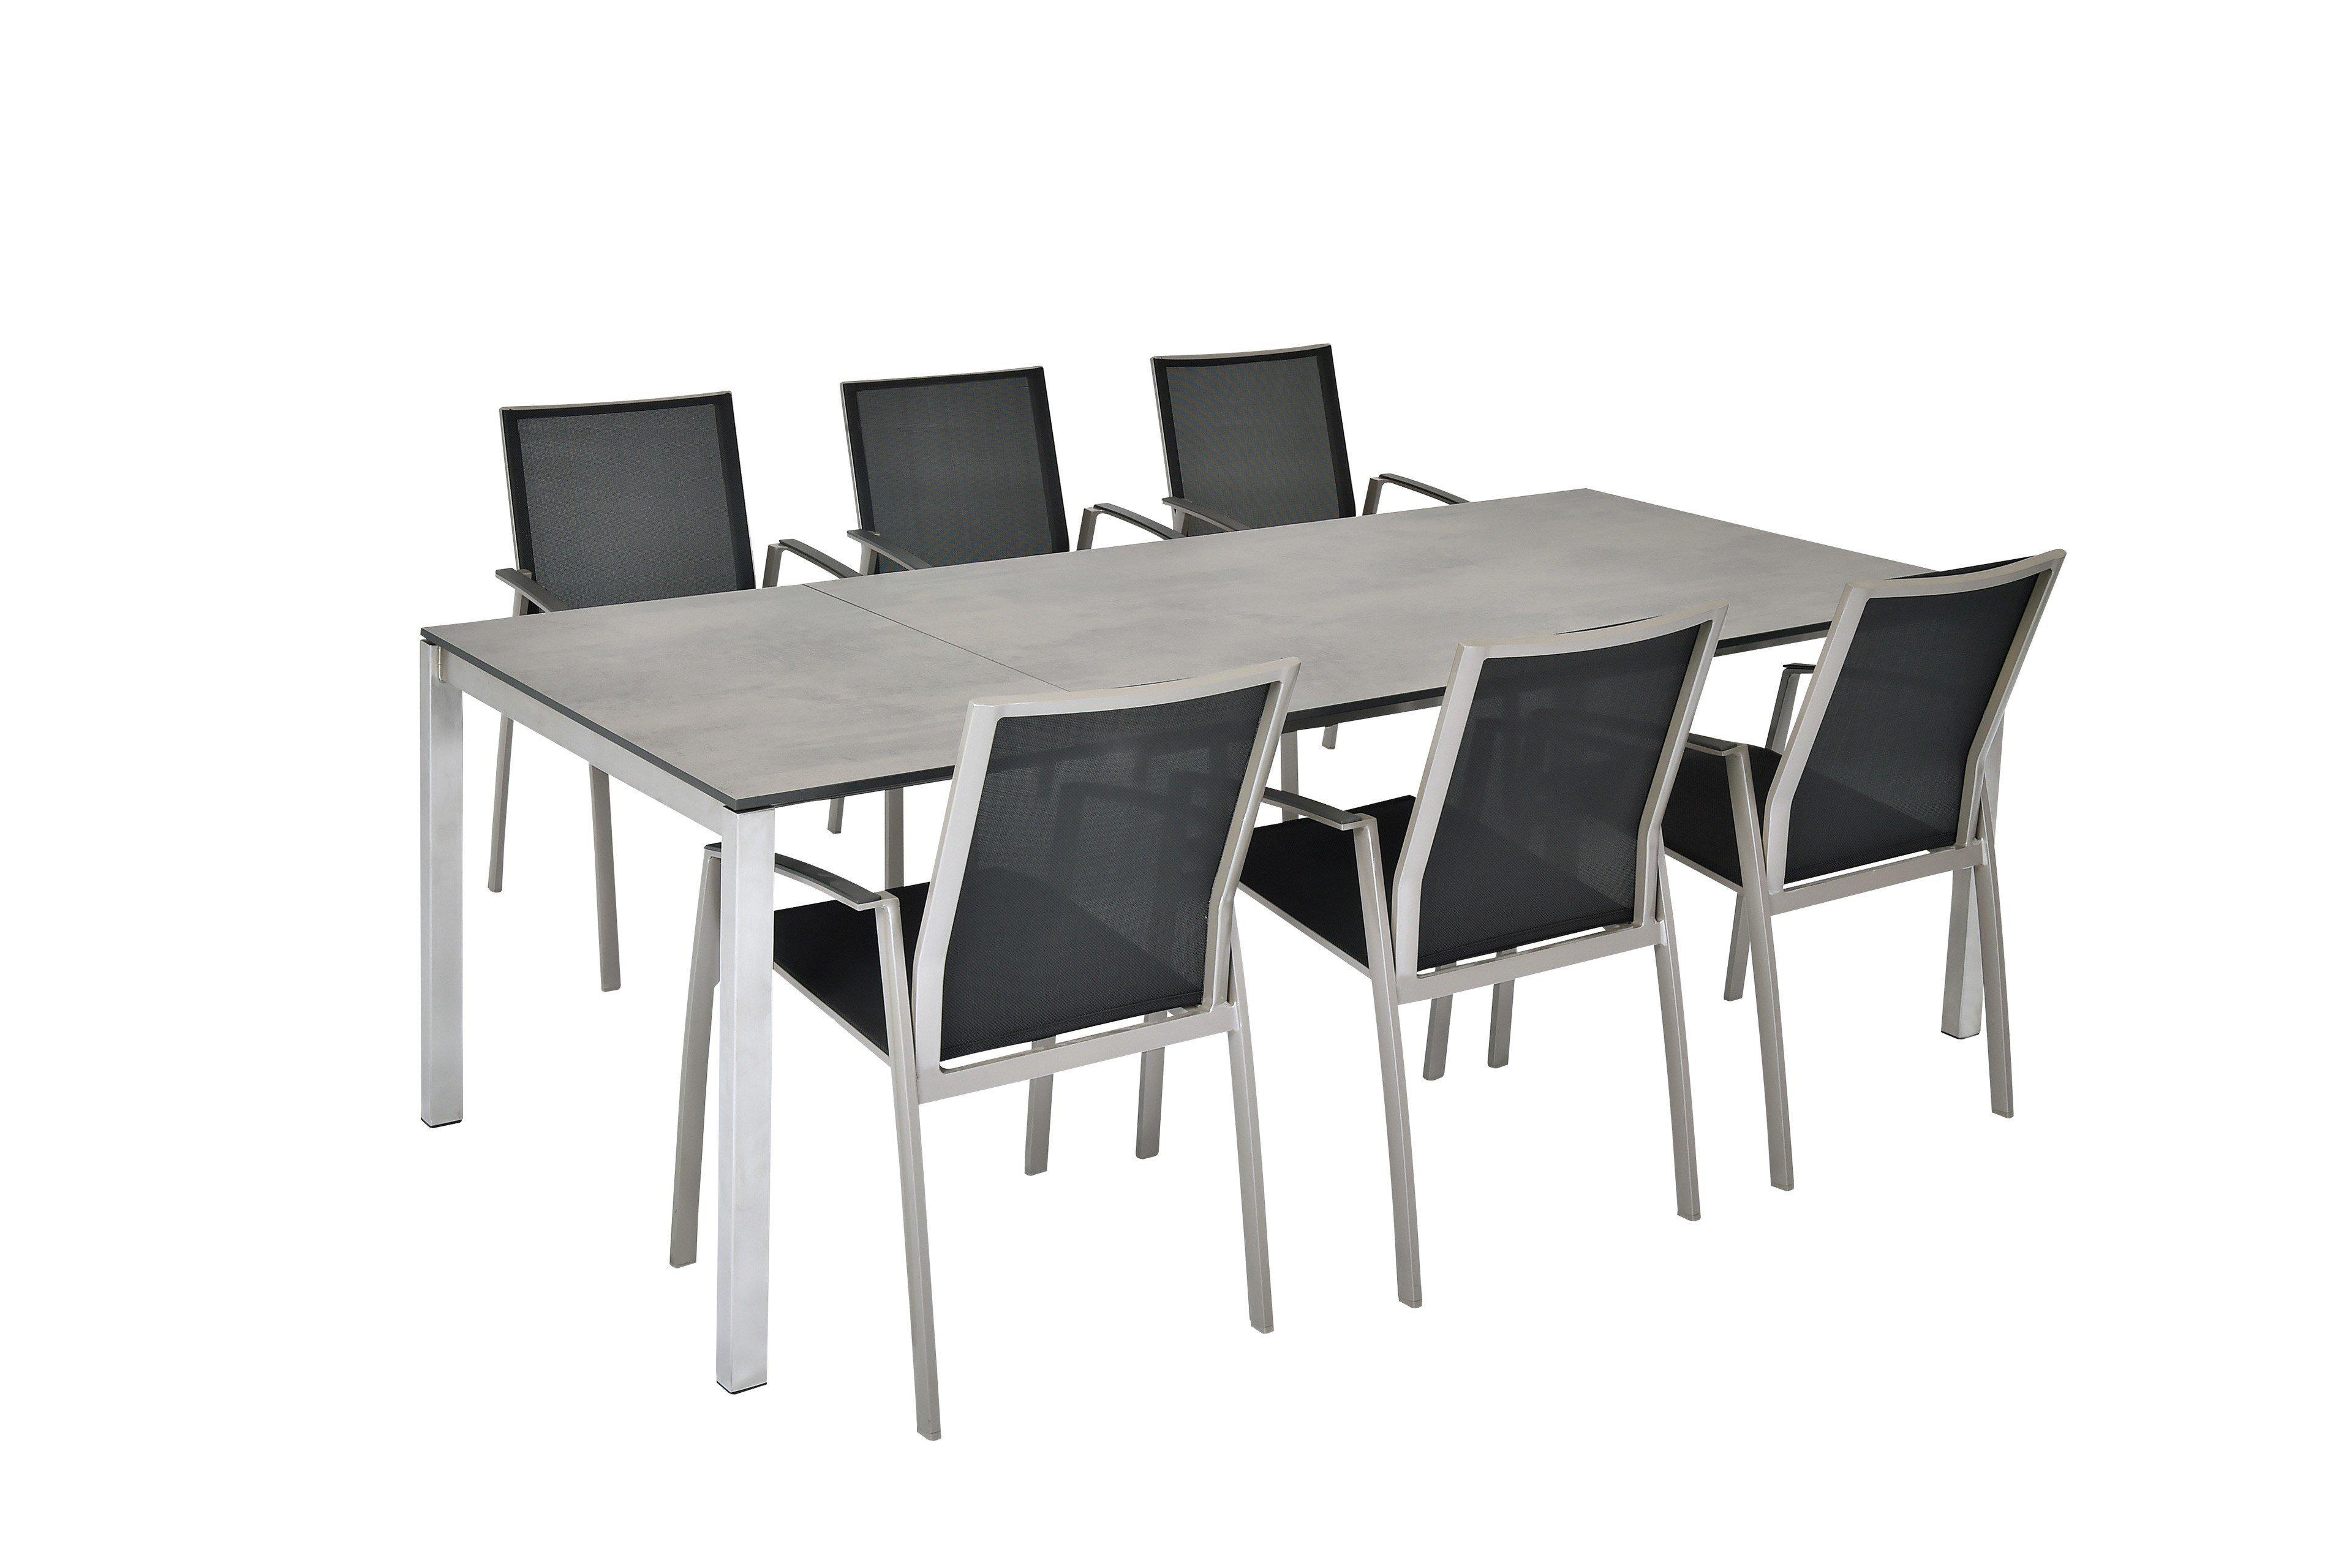 Sit Mobilia Gartentisch Mano Mit Hpl Tischplatte In Oxido Terra